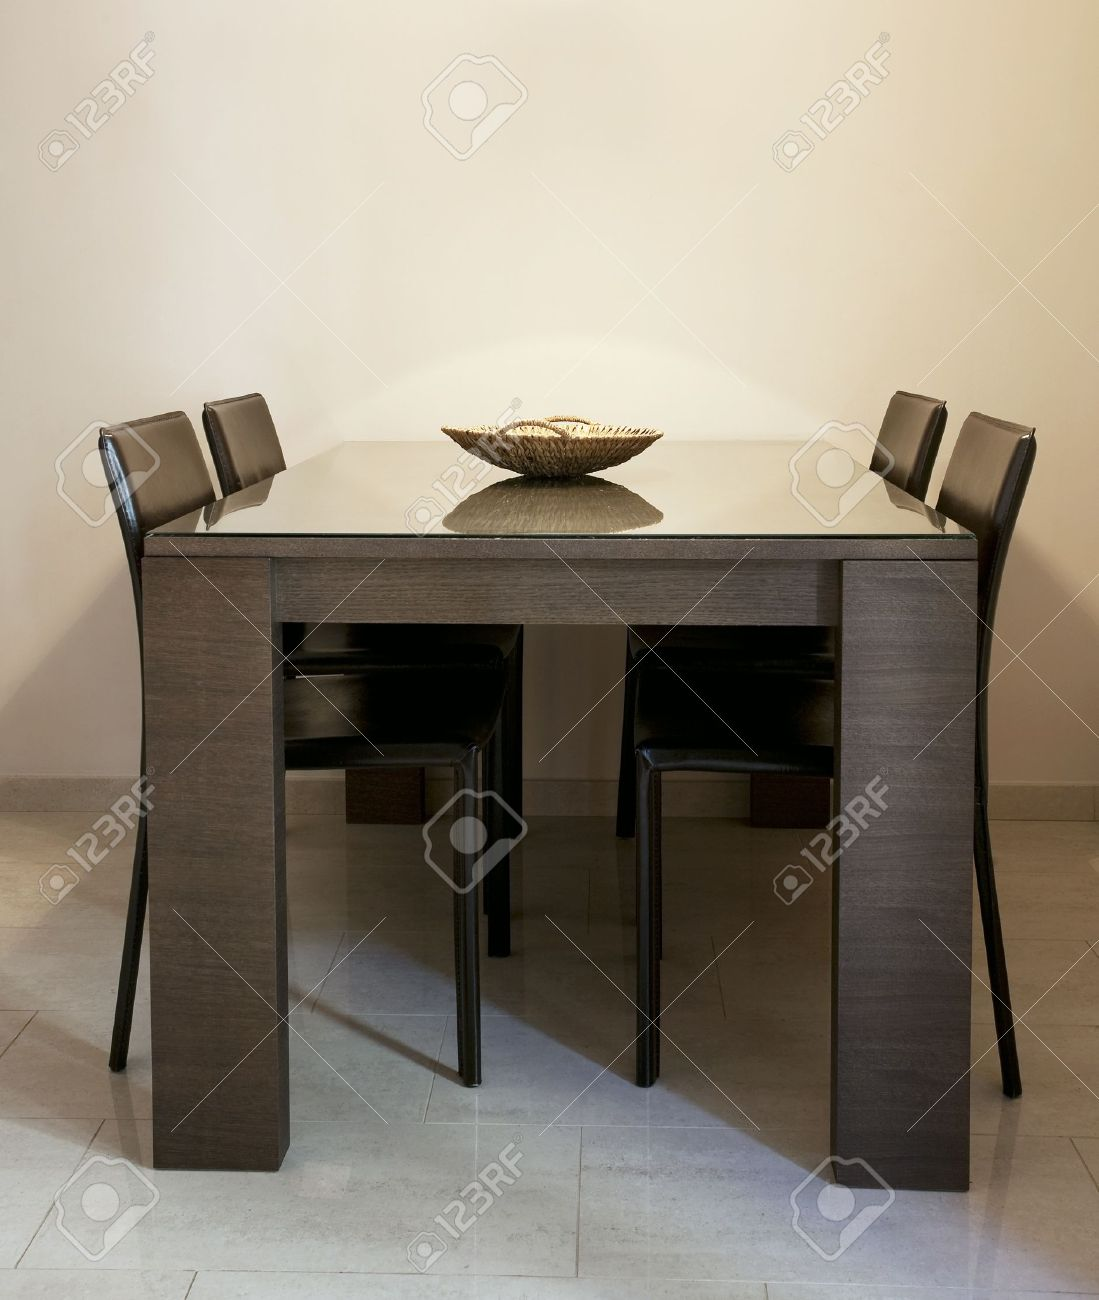 Moderno comedor con sillas marrón y una tabla con revestimiento de vidrio